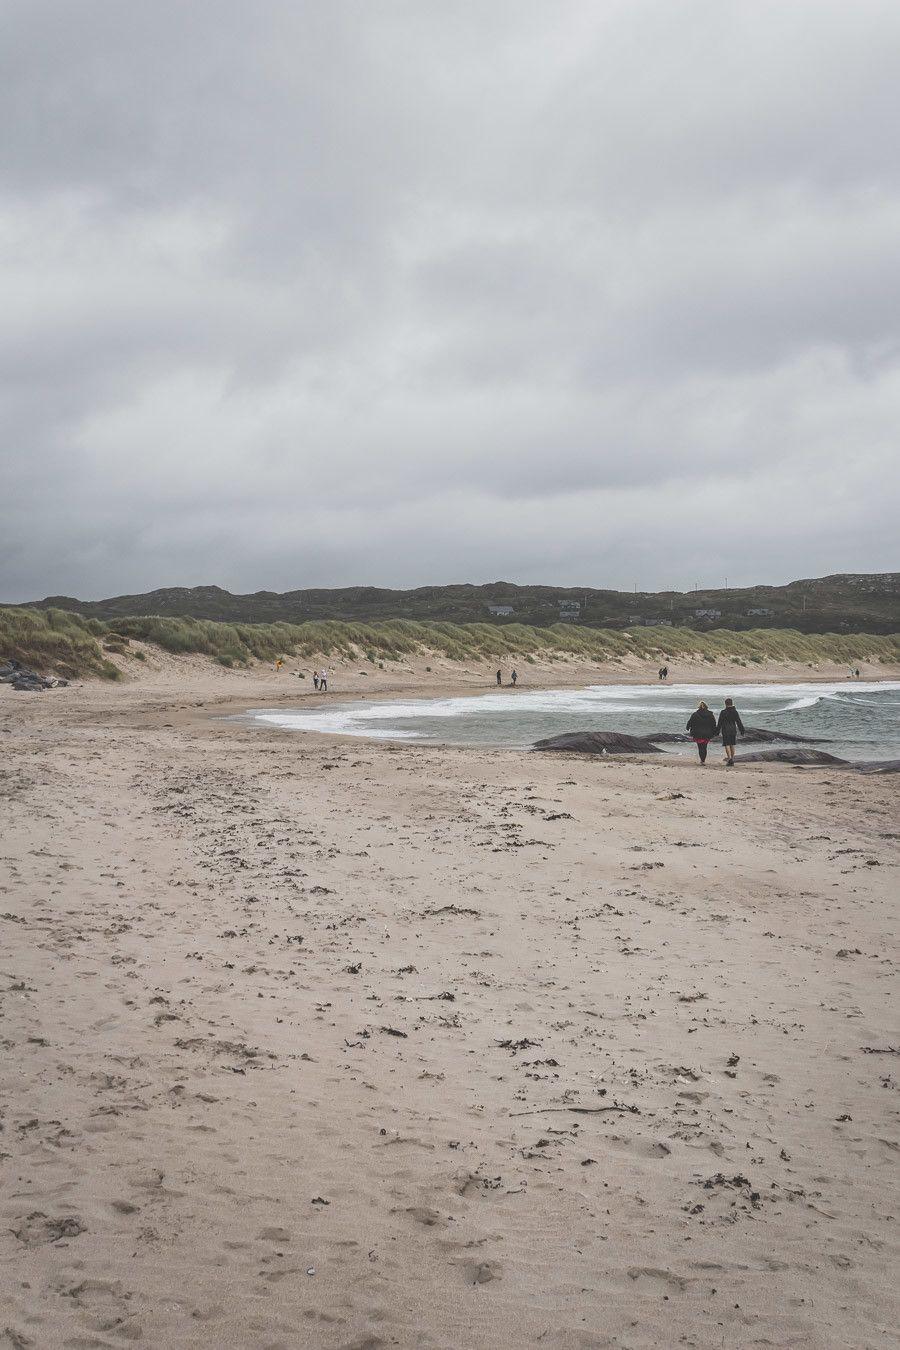 Plage de sable fin en Irlande